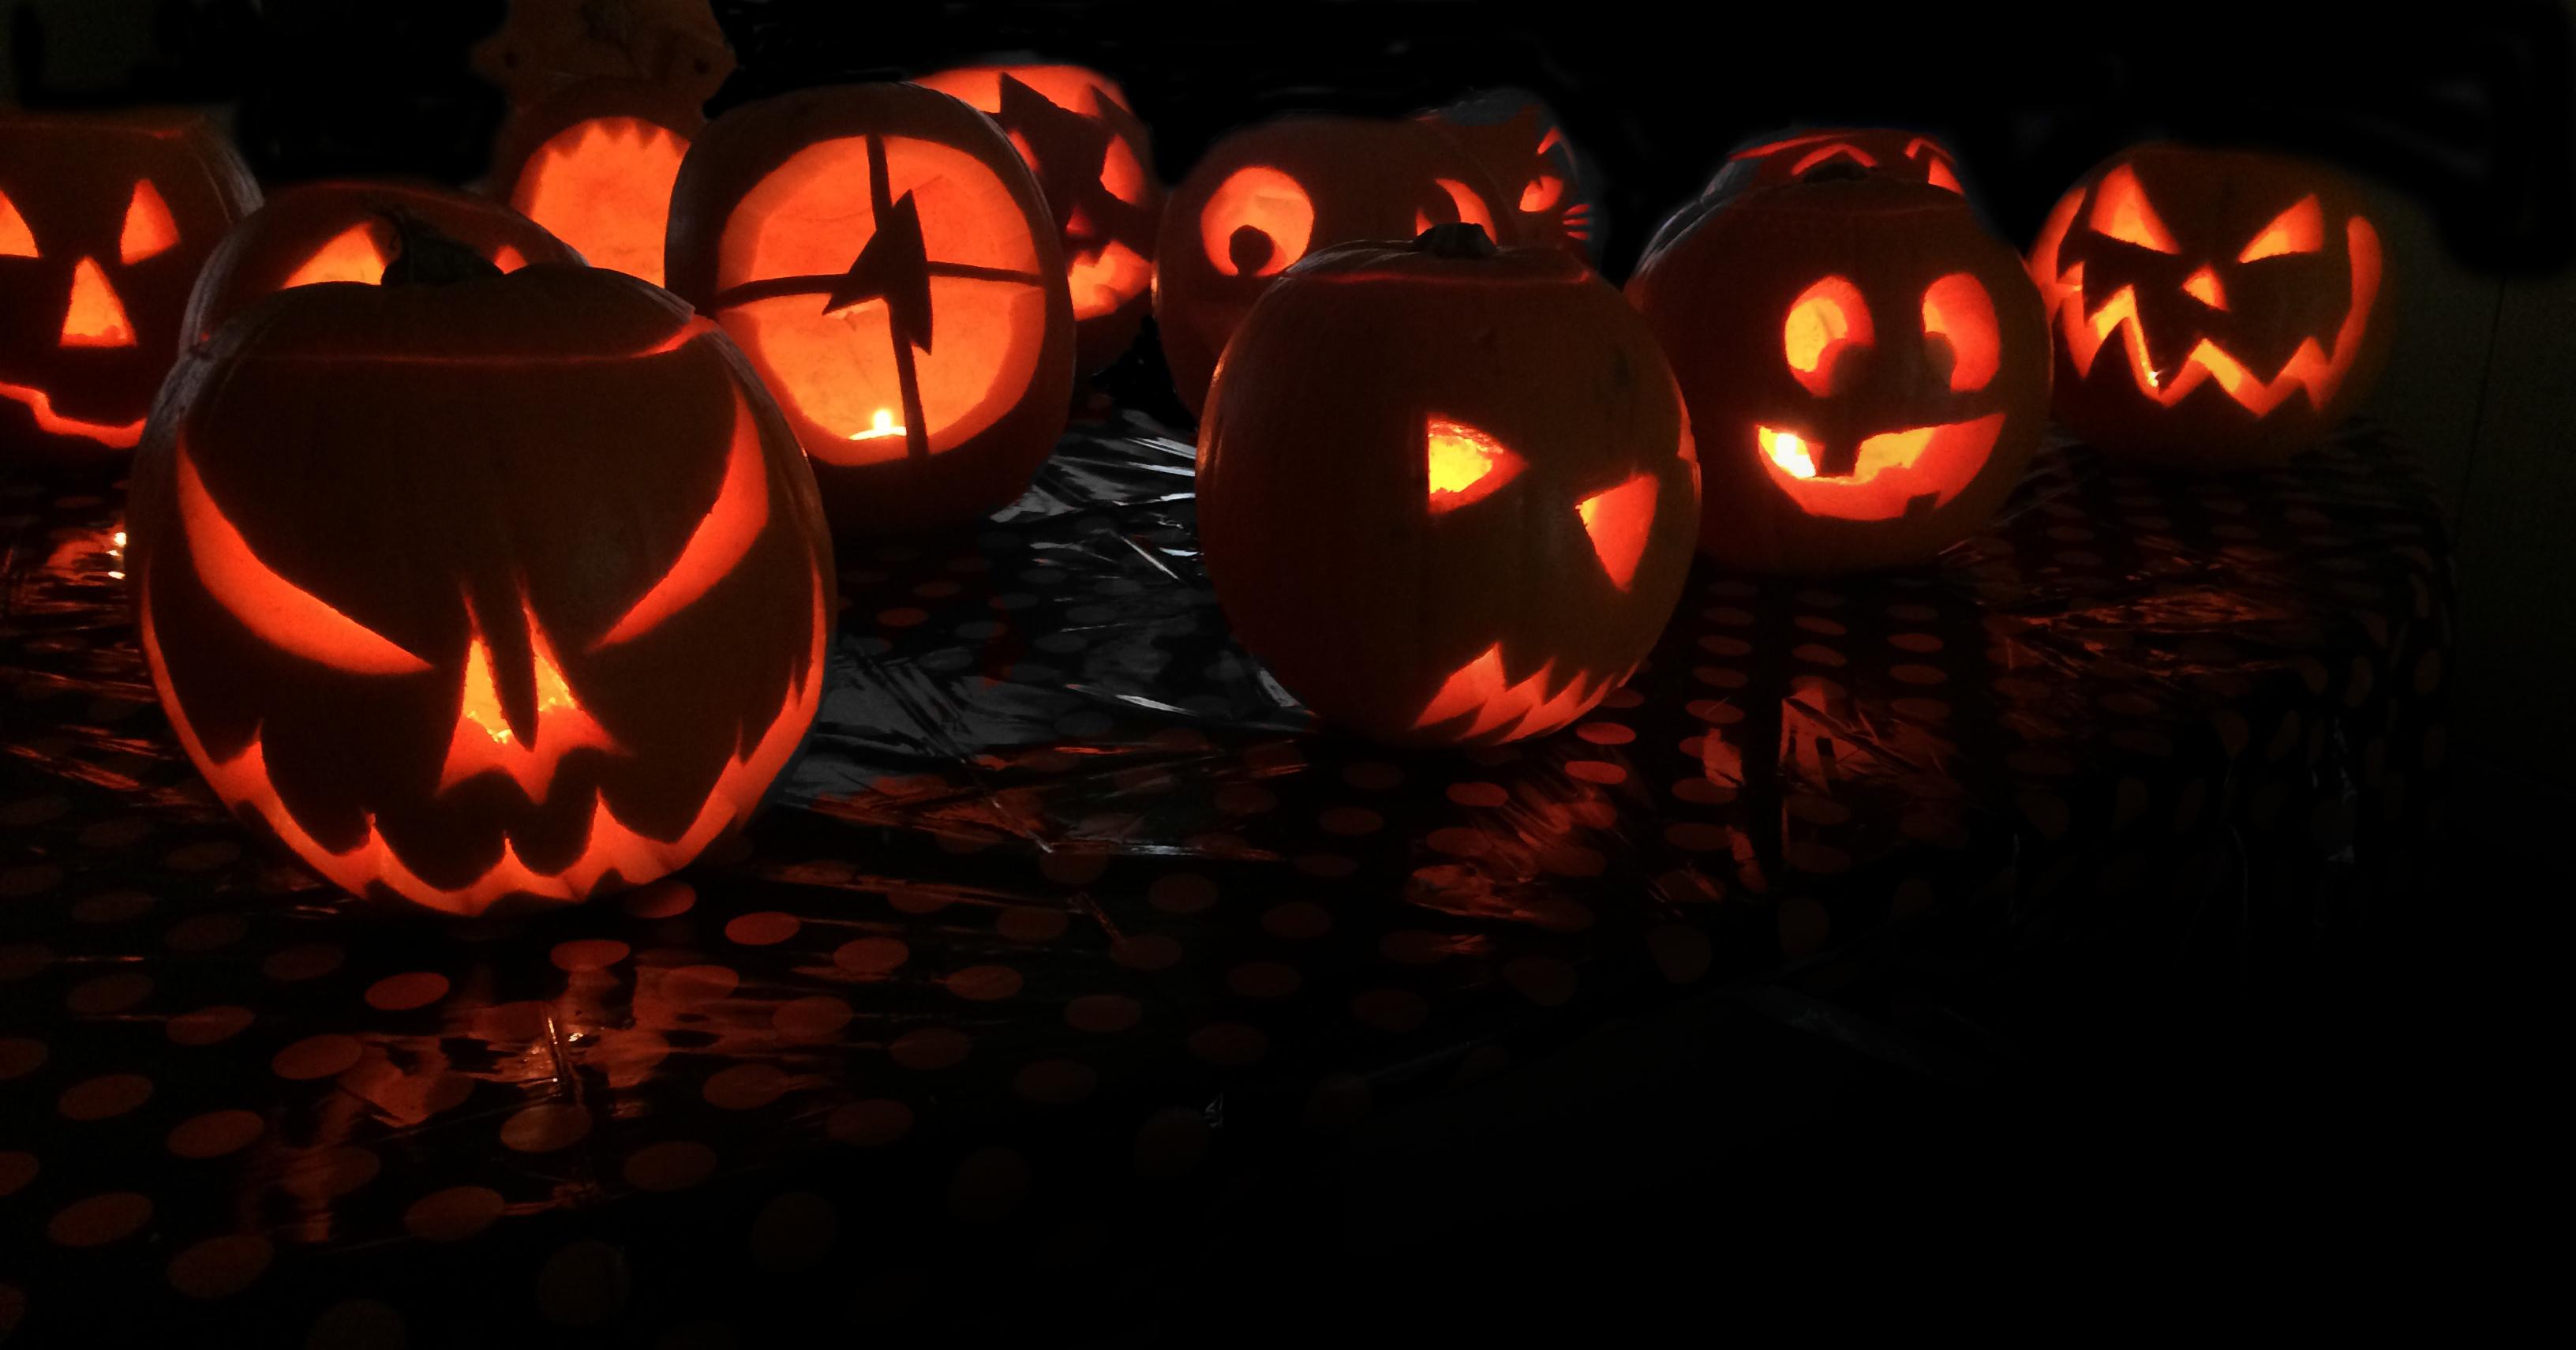 PumpkinCarving7.jpg#asset:339